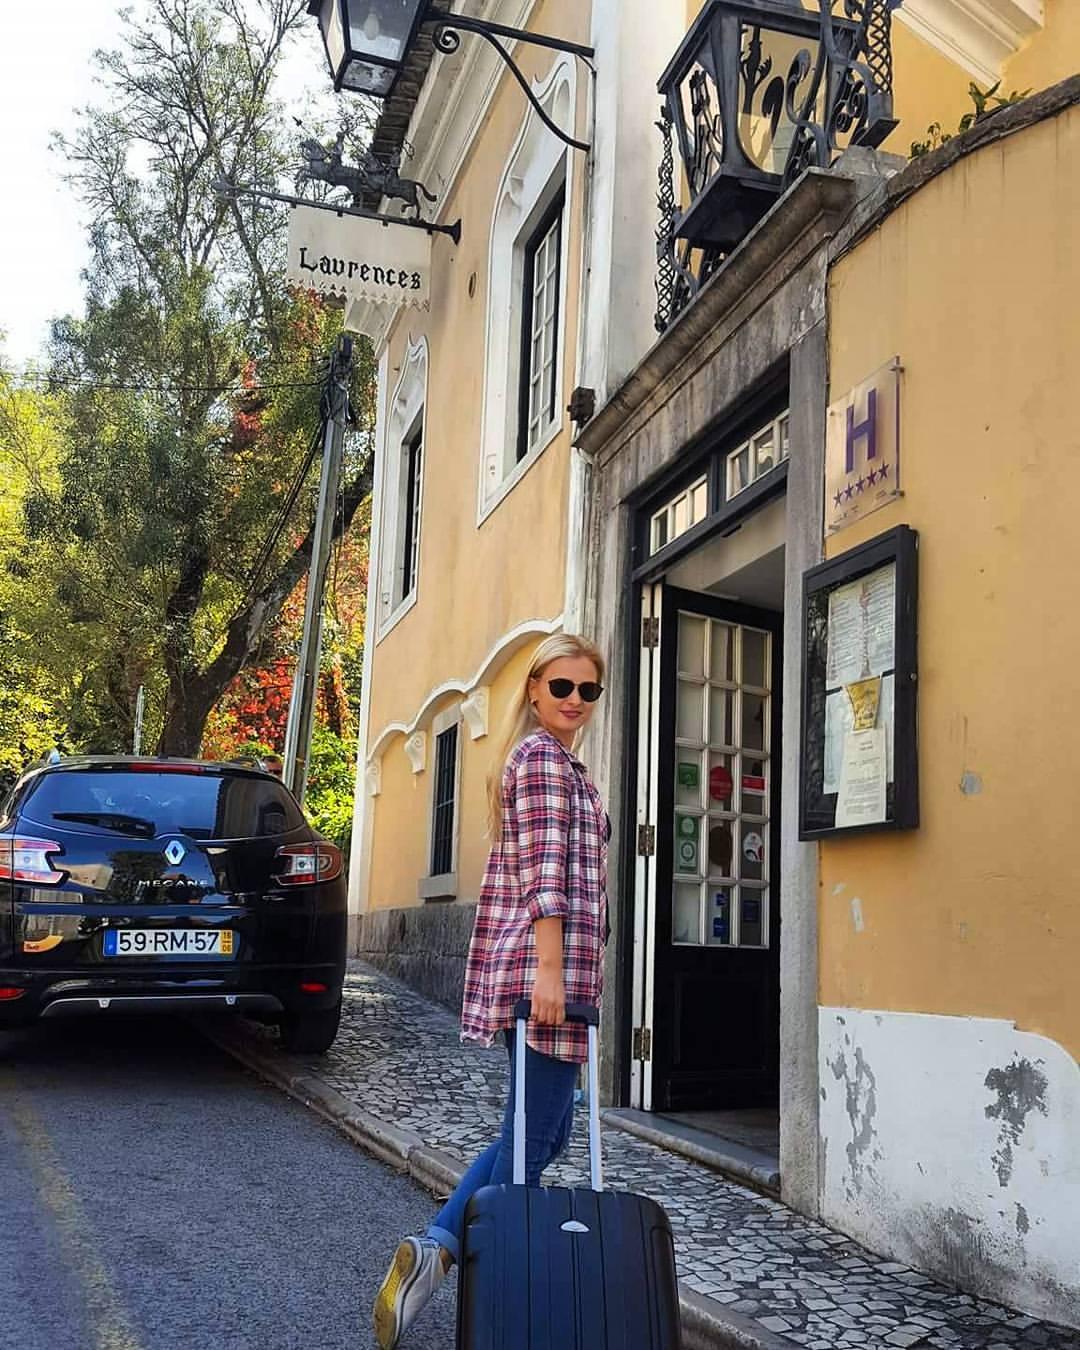 ¿Porque Lawrence's Hotel es la mejor opcion para mi como turista, en la region de Lisboa?